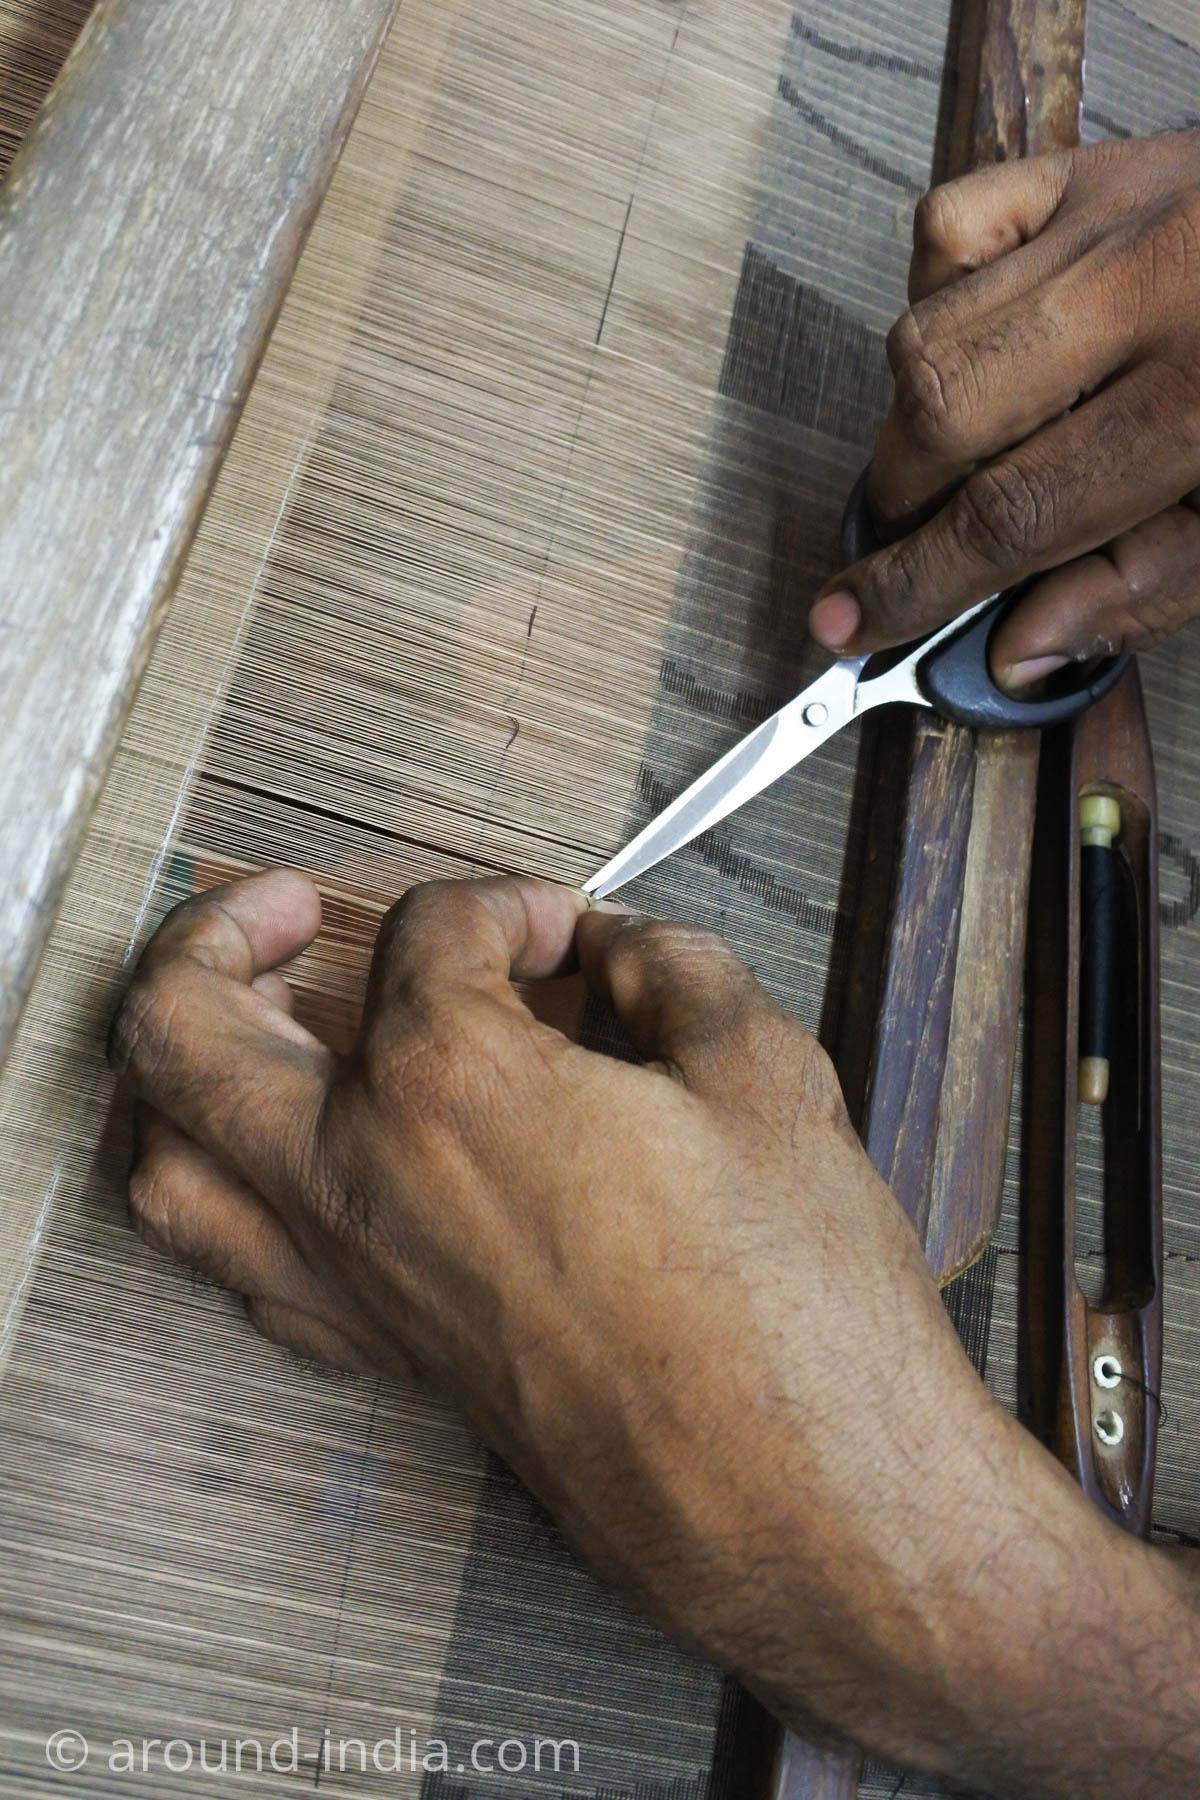 ケララ州パラッカドの織物工房 ハサミでカットしているところ